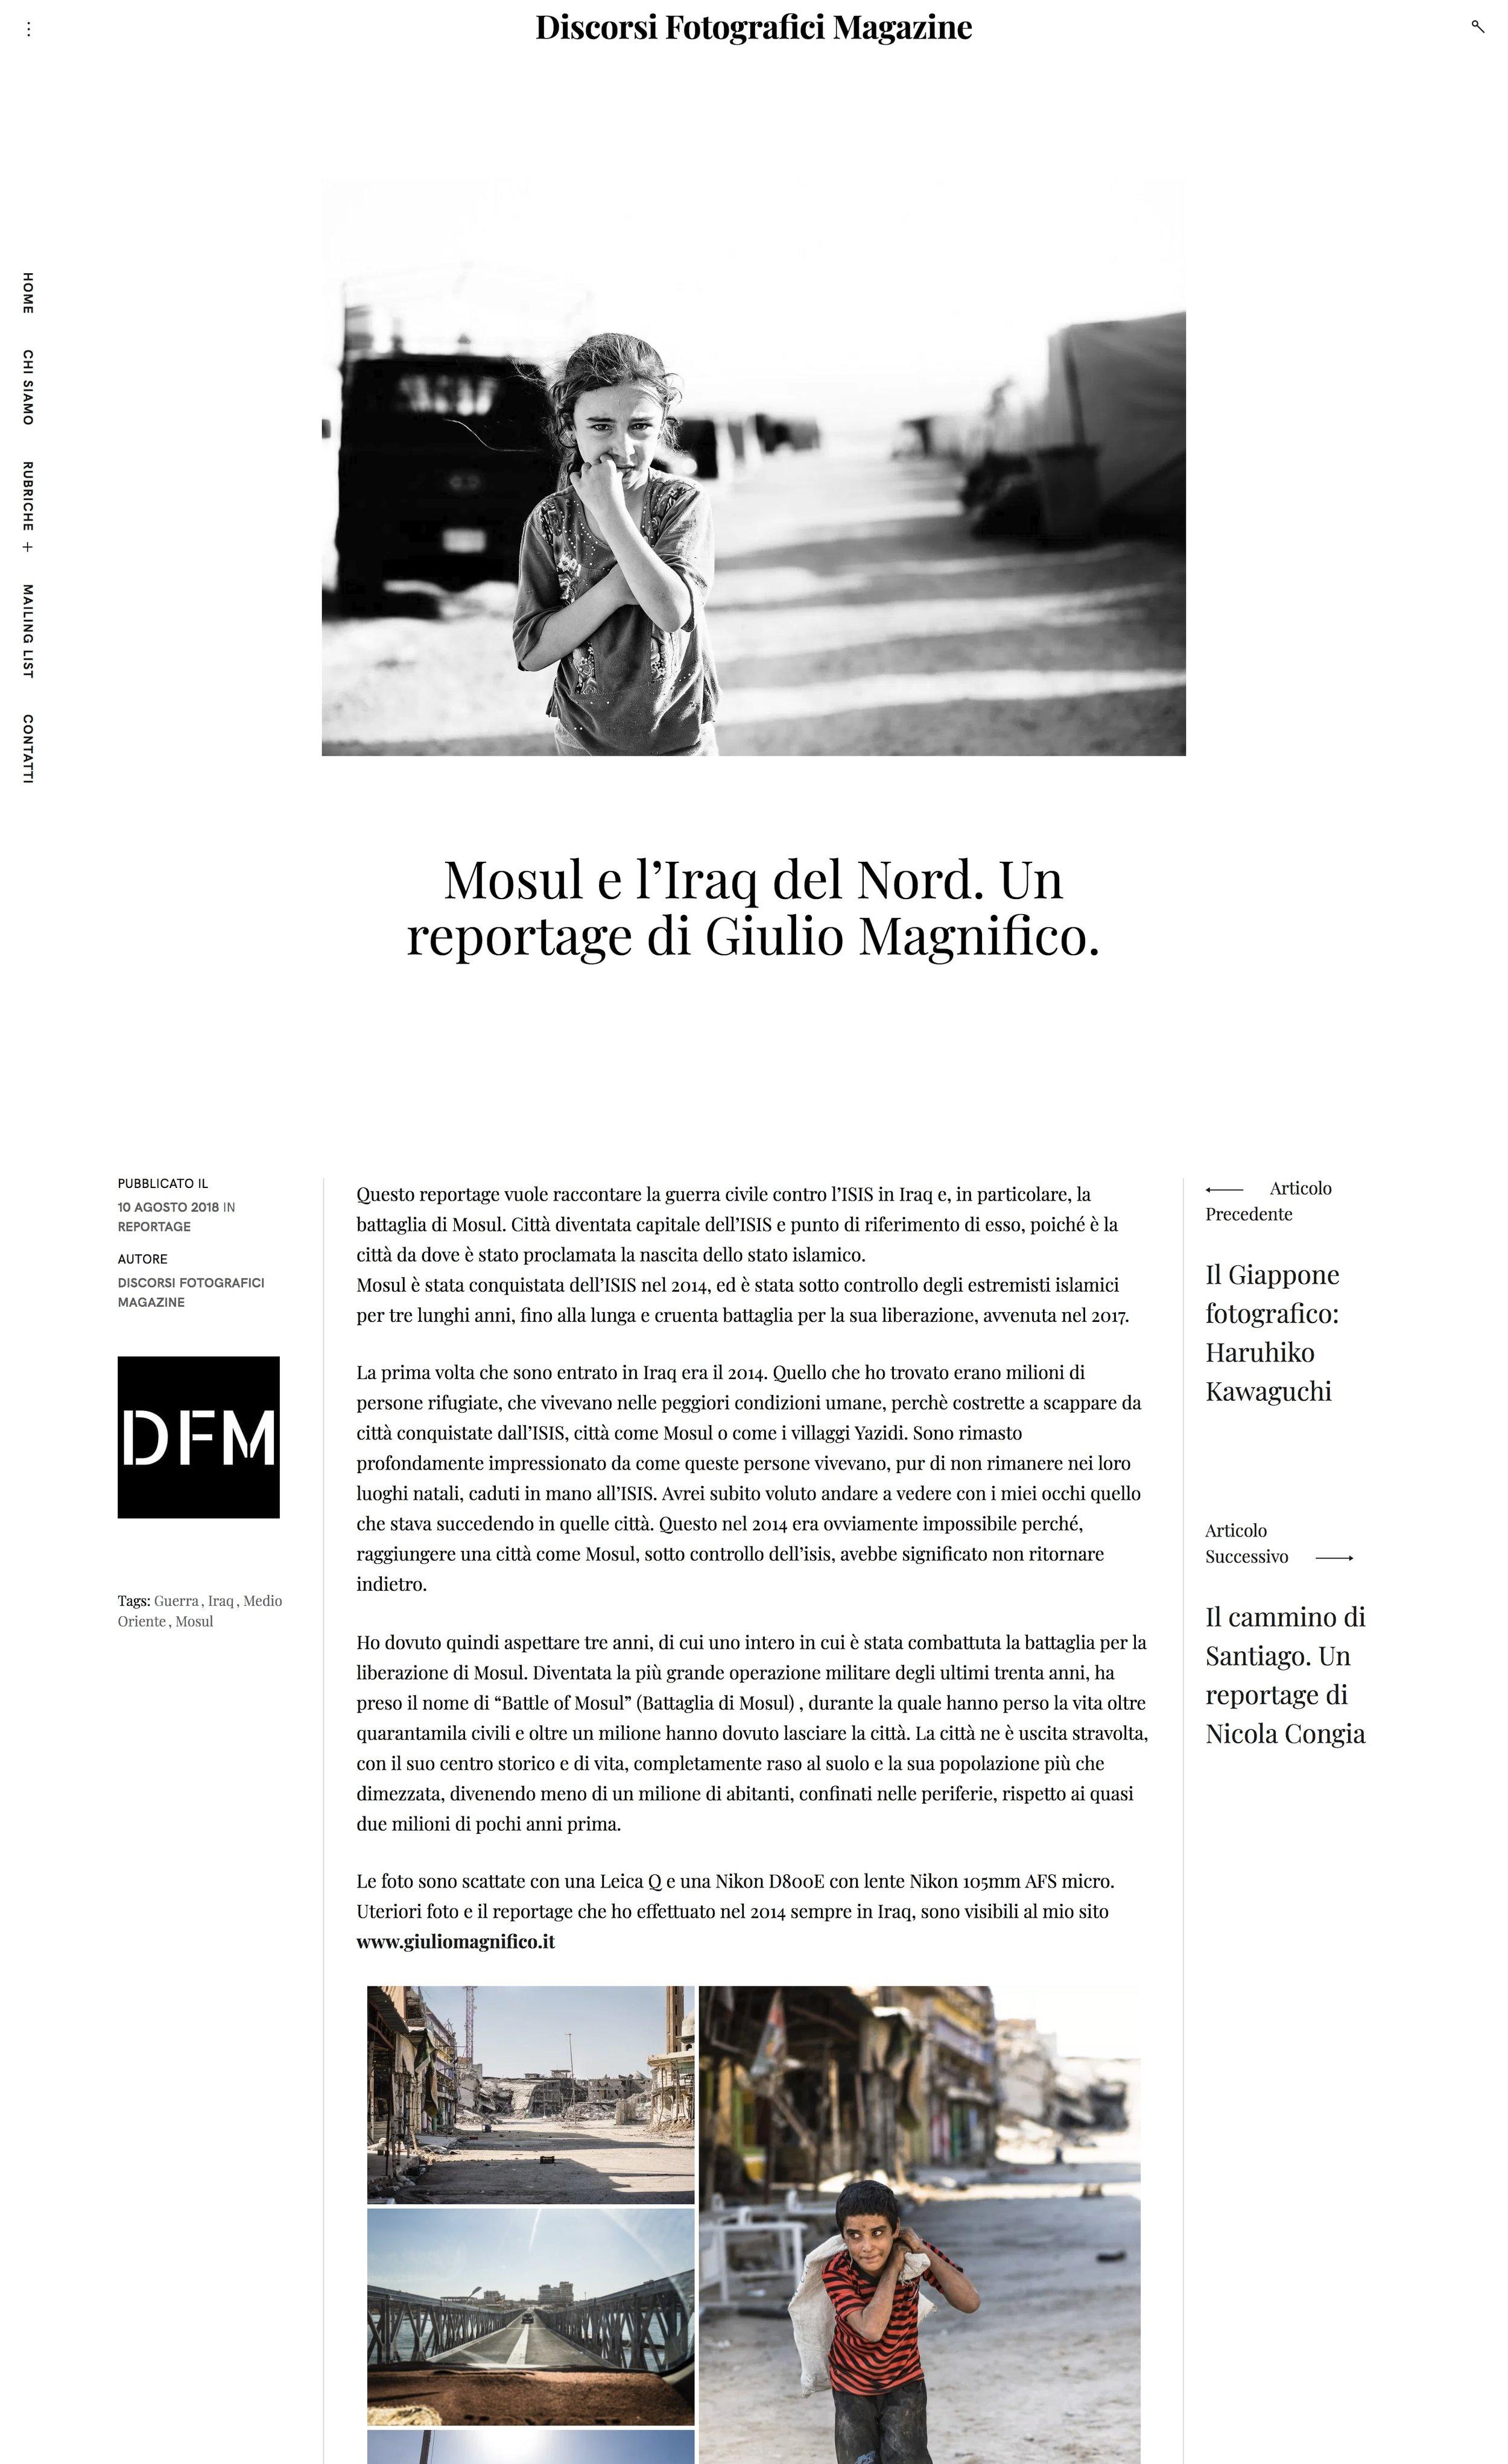 Mosul e l'Iraq del Nord. Un reportage di Giulio Magnifico.